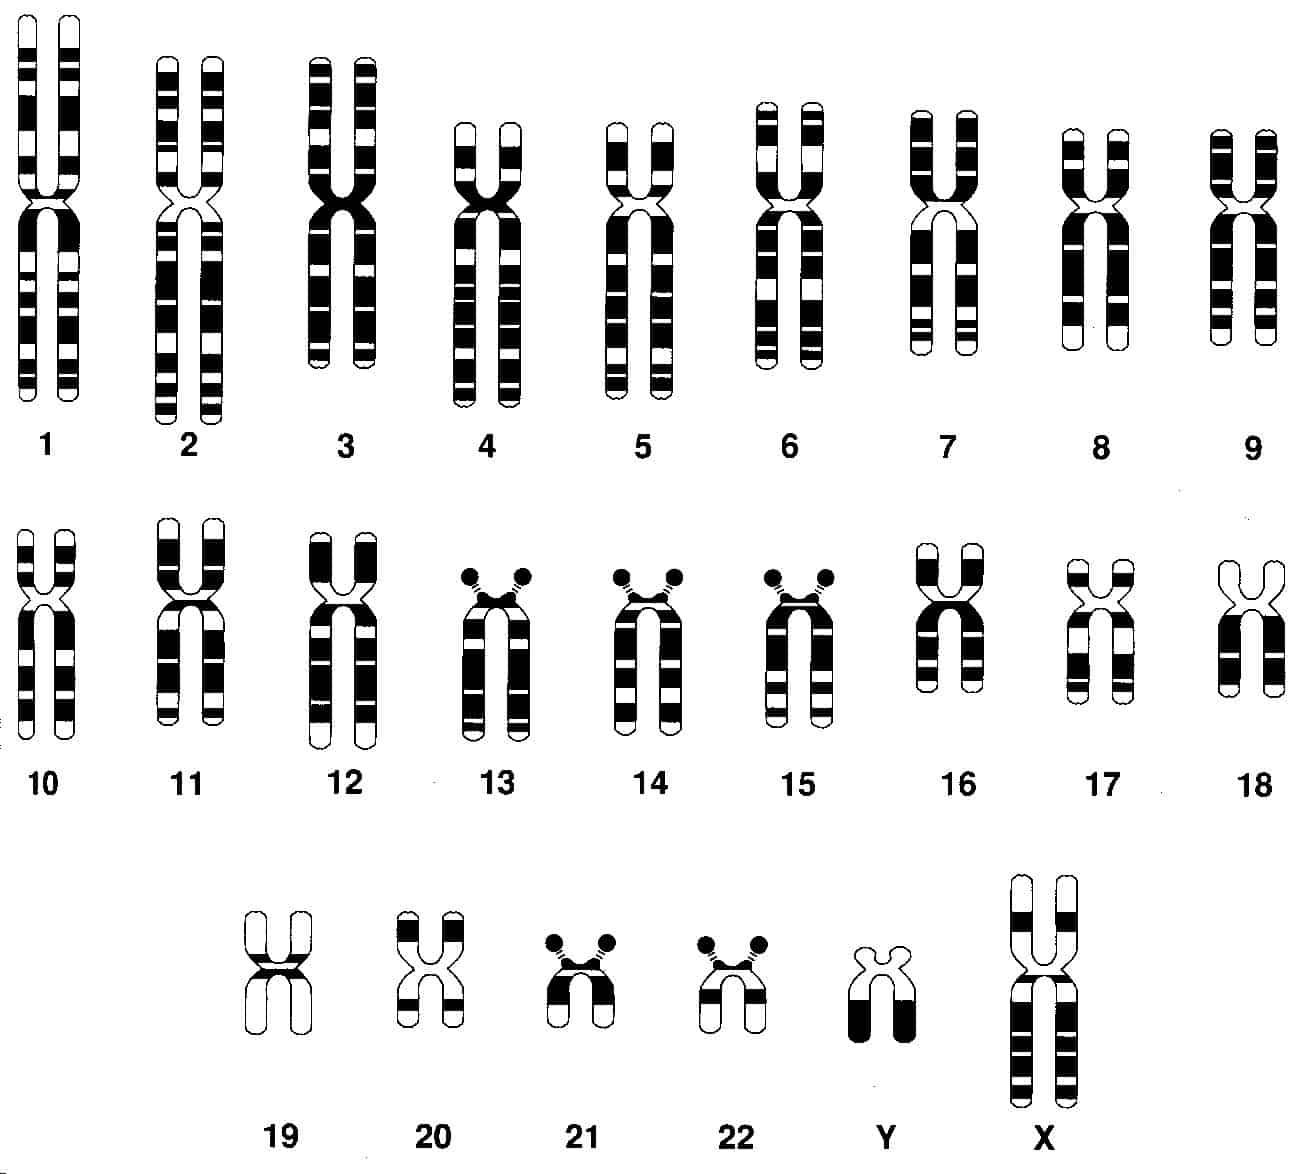 ¿Cuántos cromosomas tienen los humanos?